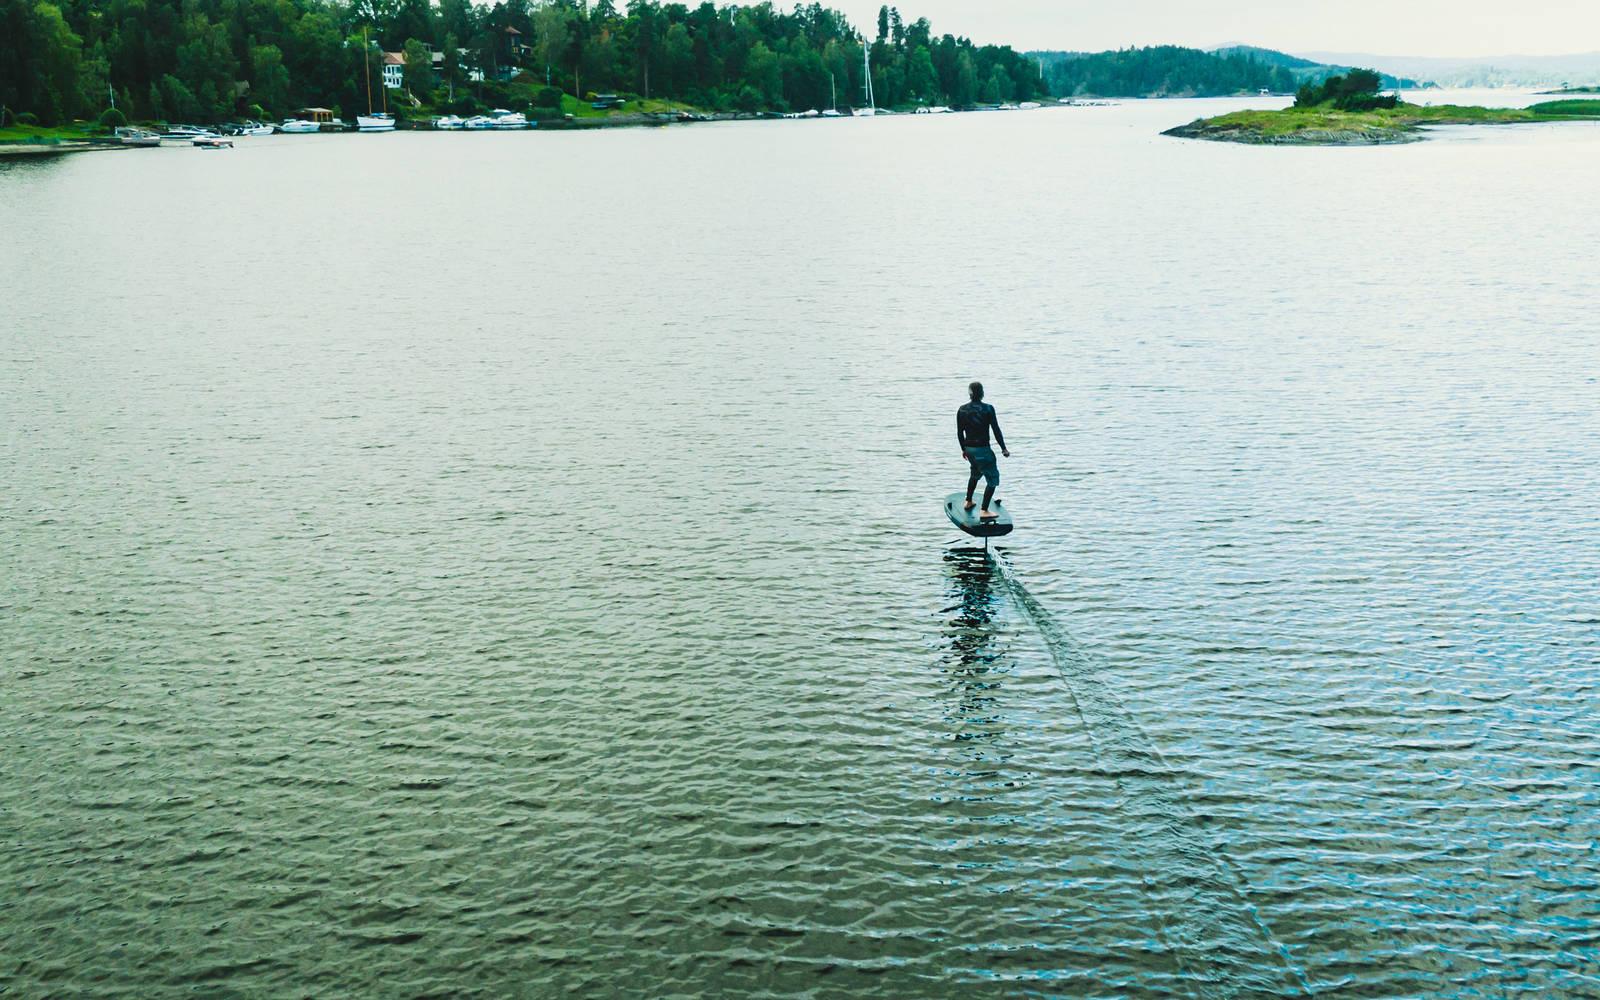 Kan e-foil bli et tilbud for turister i norske fjorder? Bilde: Christian Nerdrum